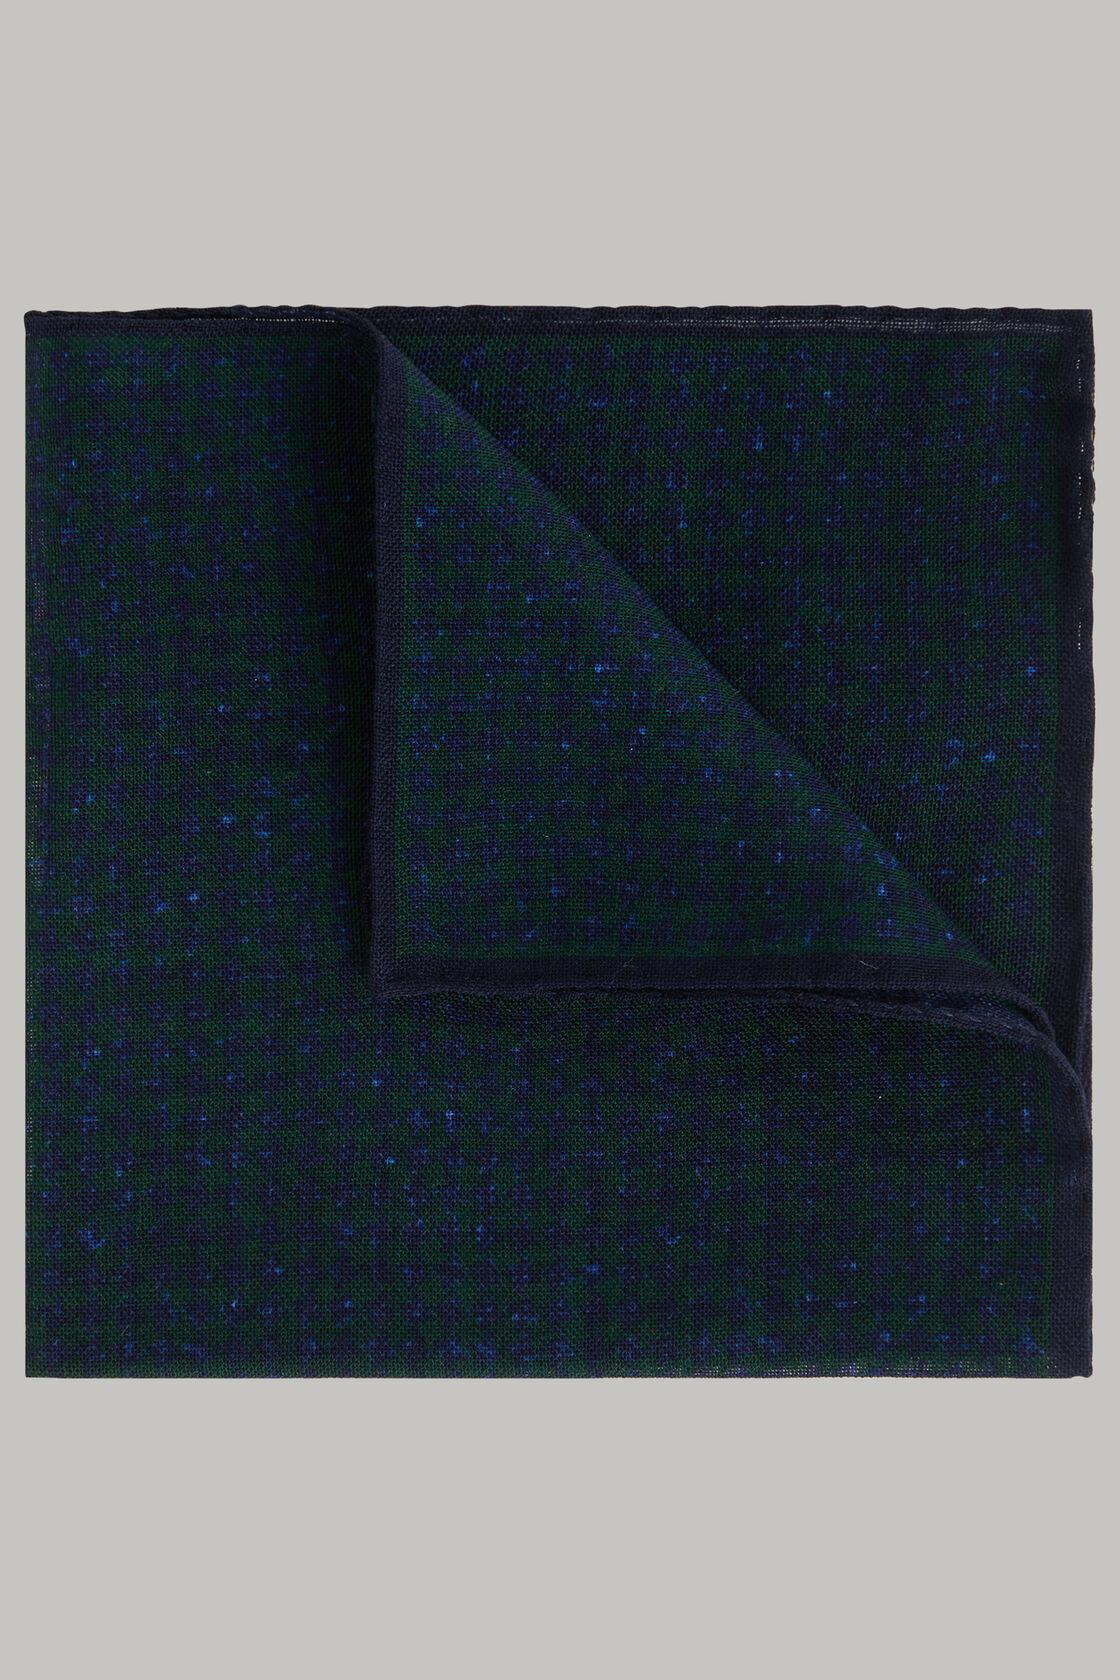 Pochette pied de poule in lana, Verde - Blu, hi-res